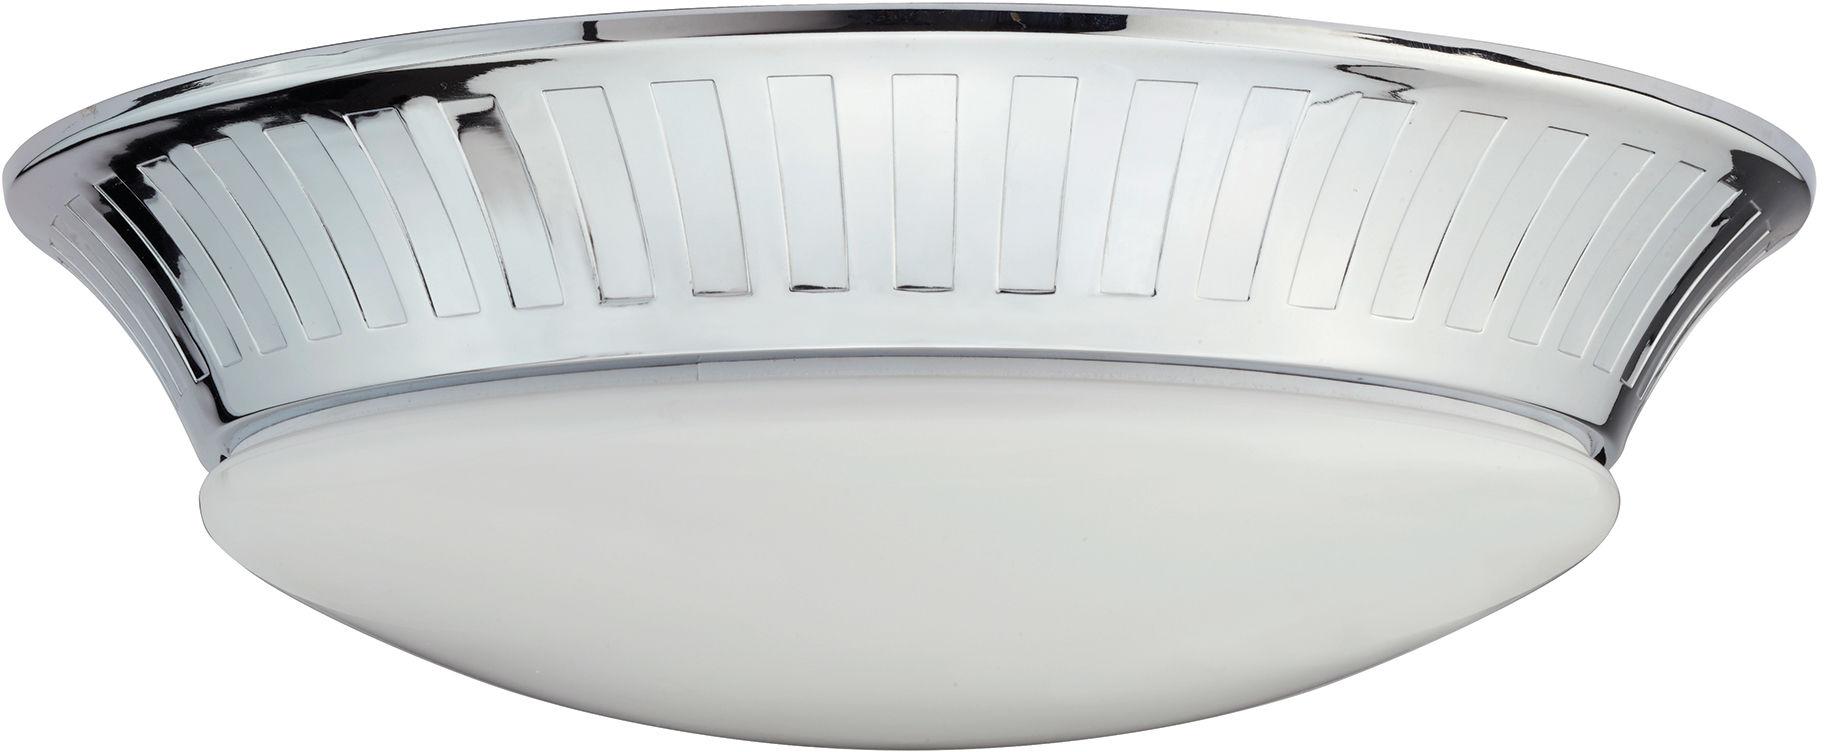 Plafon łazienkowy Whitby BATH/WHITBY/F Elstead Lighting dekoracyjna oprawa w kolorze chromu